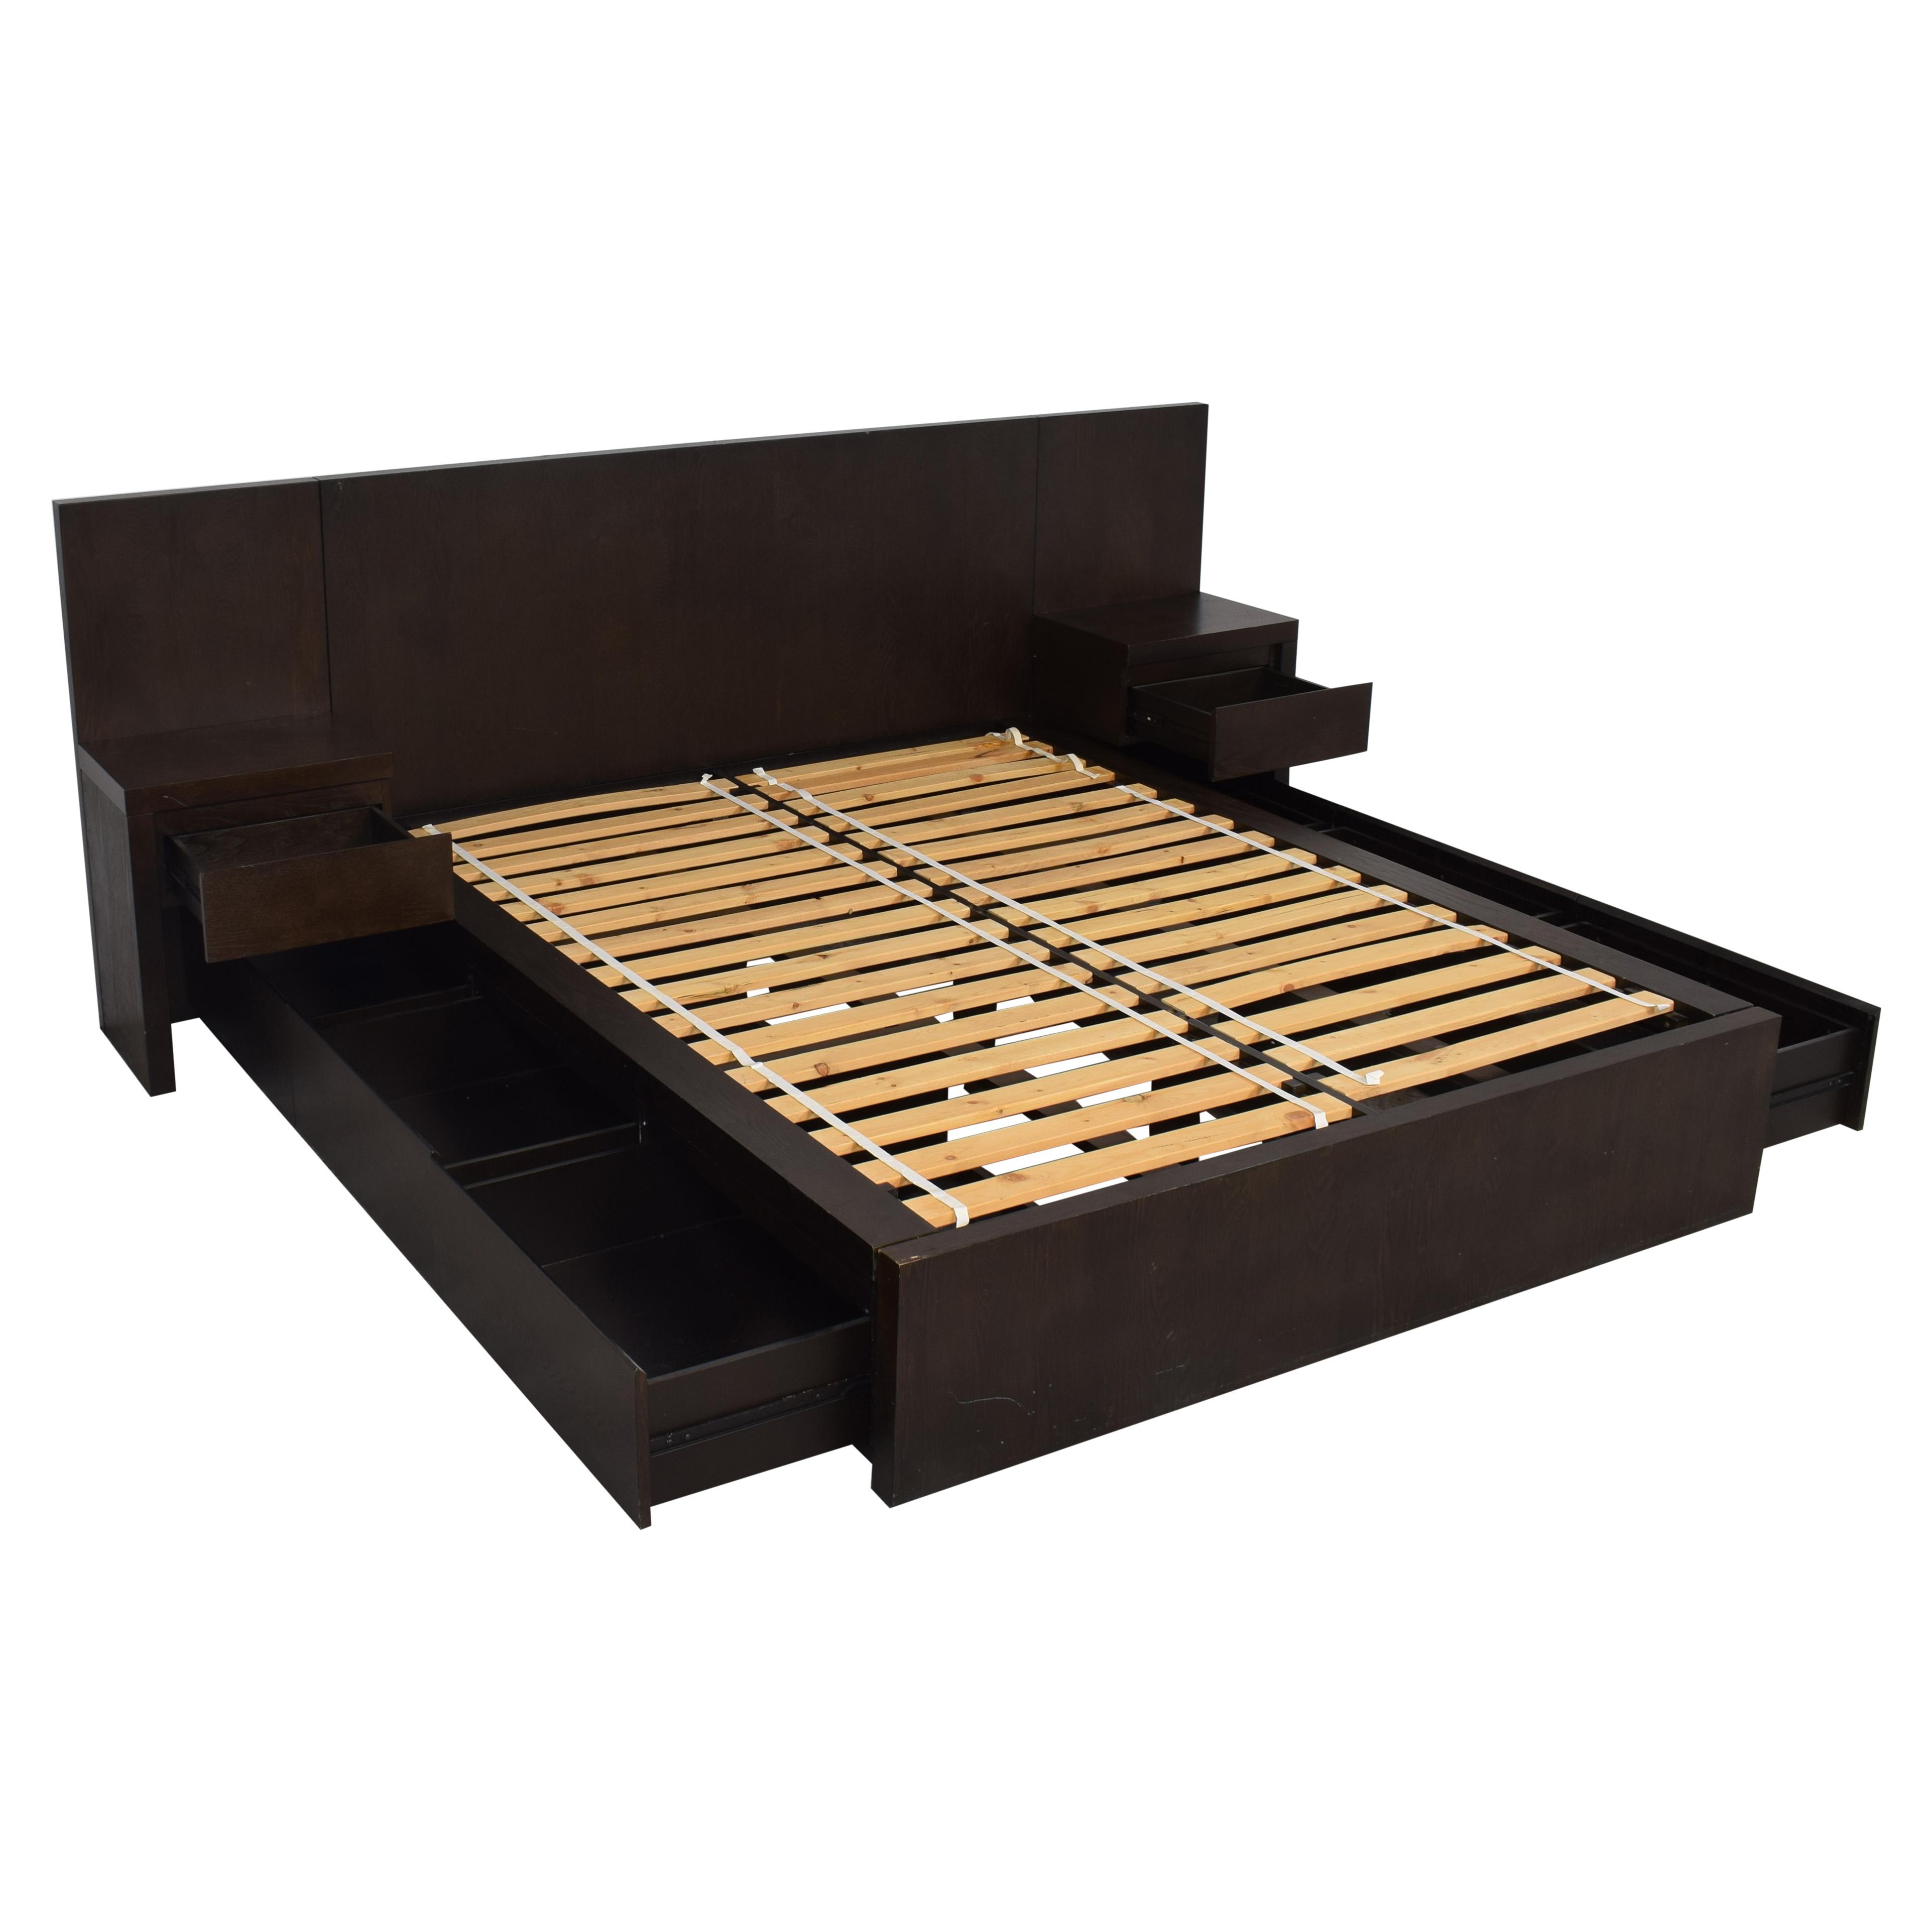 buy West Elm Queen Storage Bed with Nightstands West Elm Beds